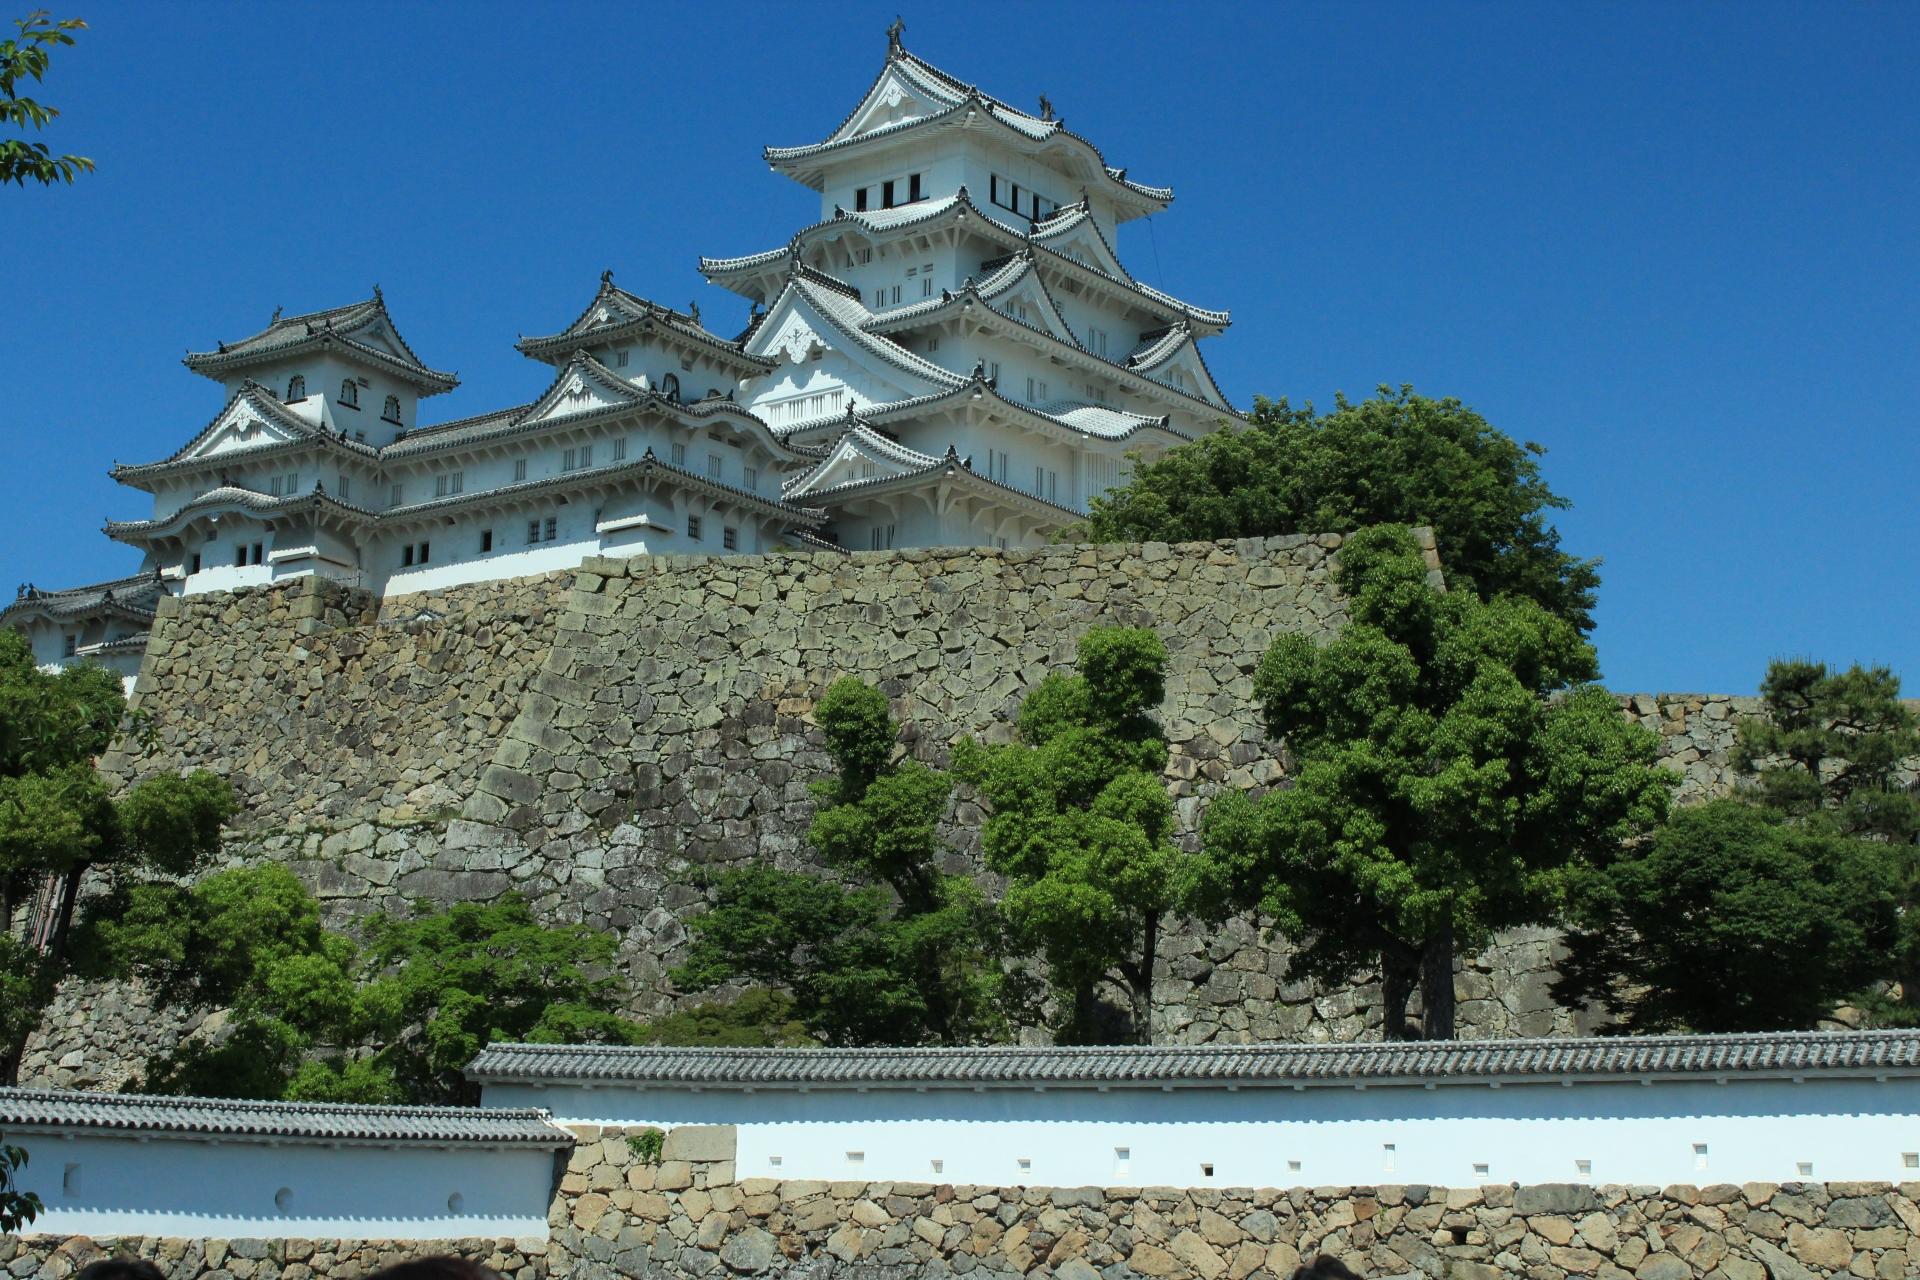 姫路の観光スポット!おすすめしたい施設をご紹介